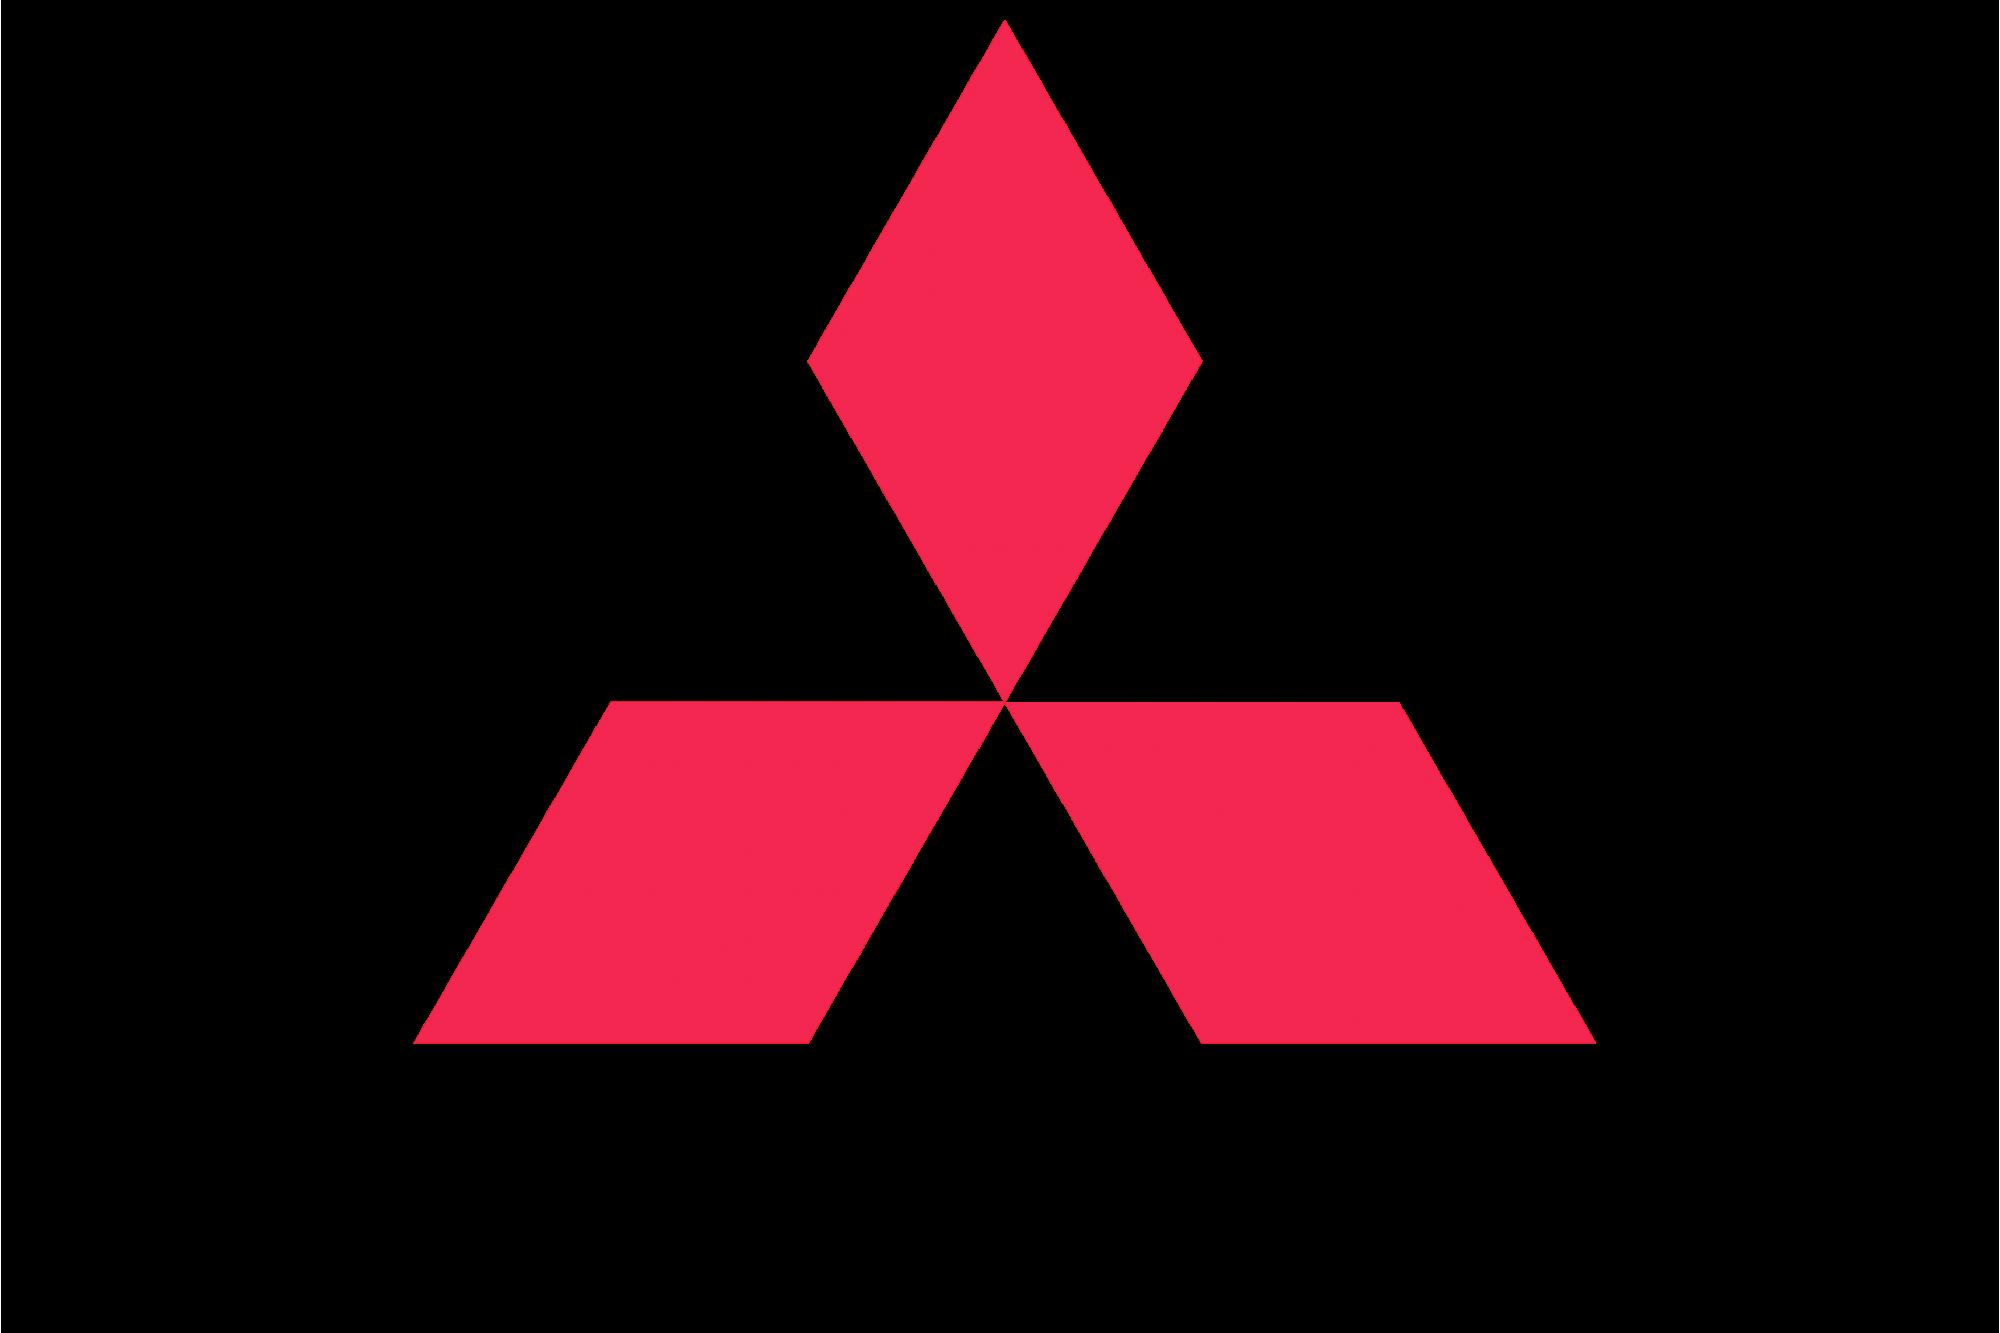 Μεσοπρόθεσμο πλάνο Mitsubishi Motors